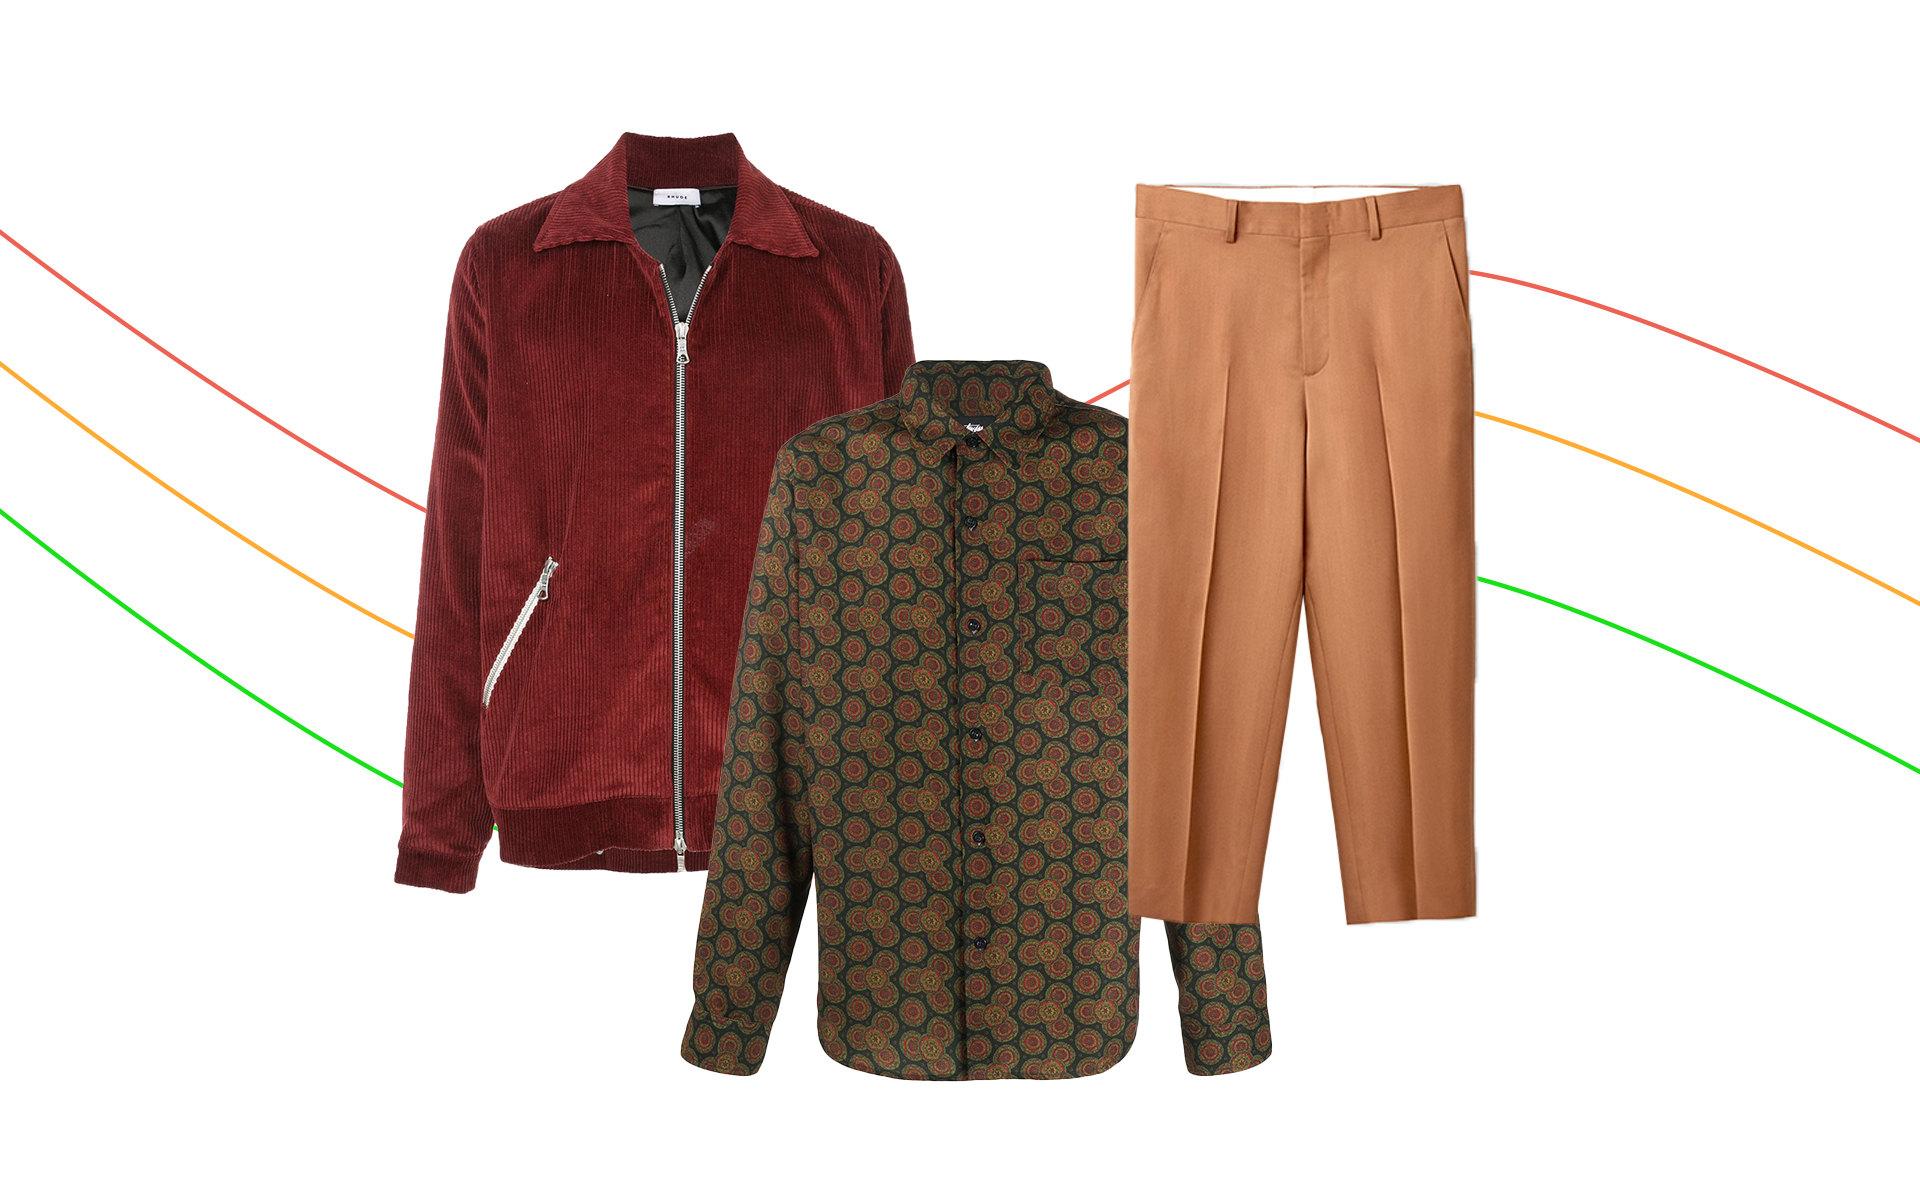 Куртка Rhude, 82 275 руб.; рубашка Stussy, 8 764 руб.; брюки COS, $125